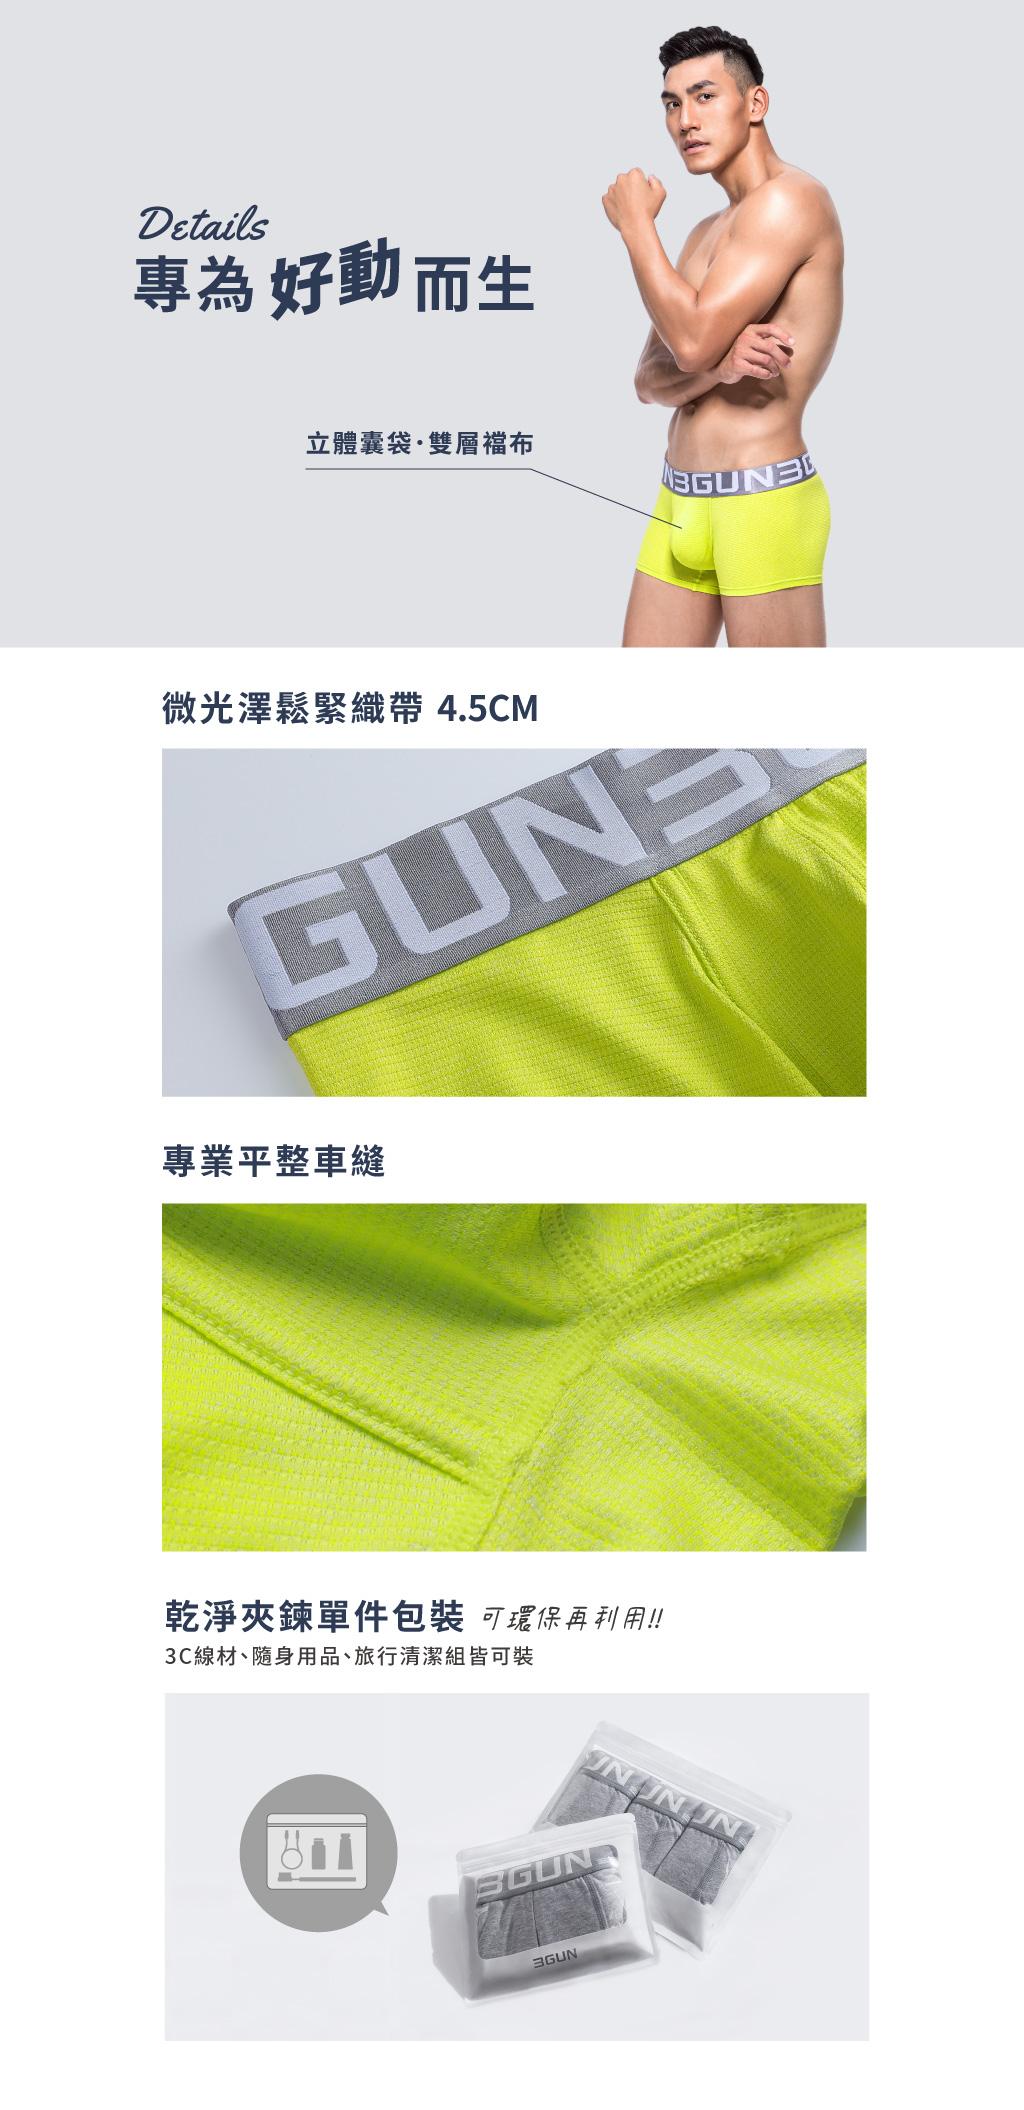 超透氣男快乾網眼三角褲-吸排-3GUN  男性時尚內衣褲MIT品牌